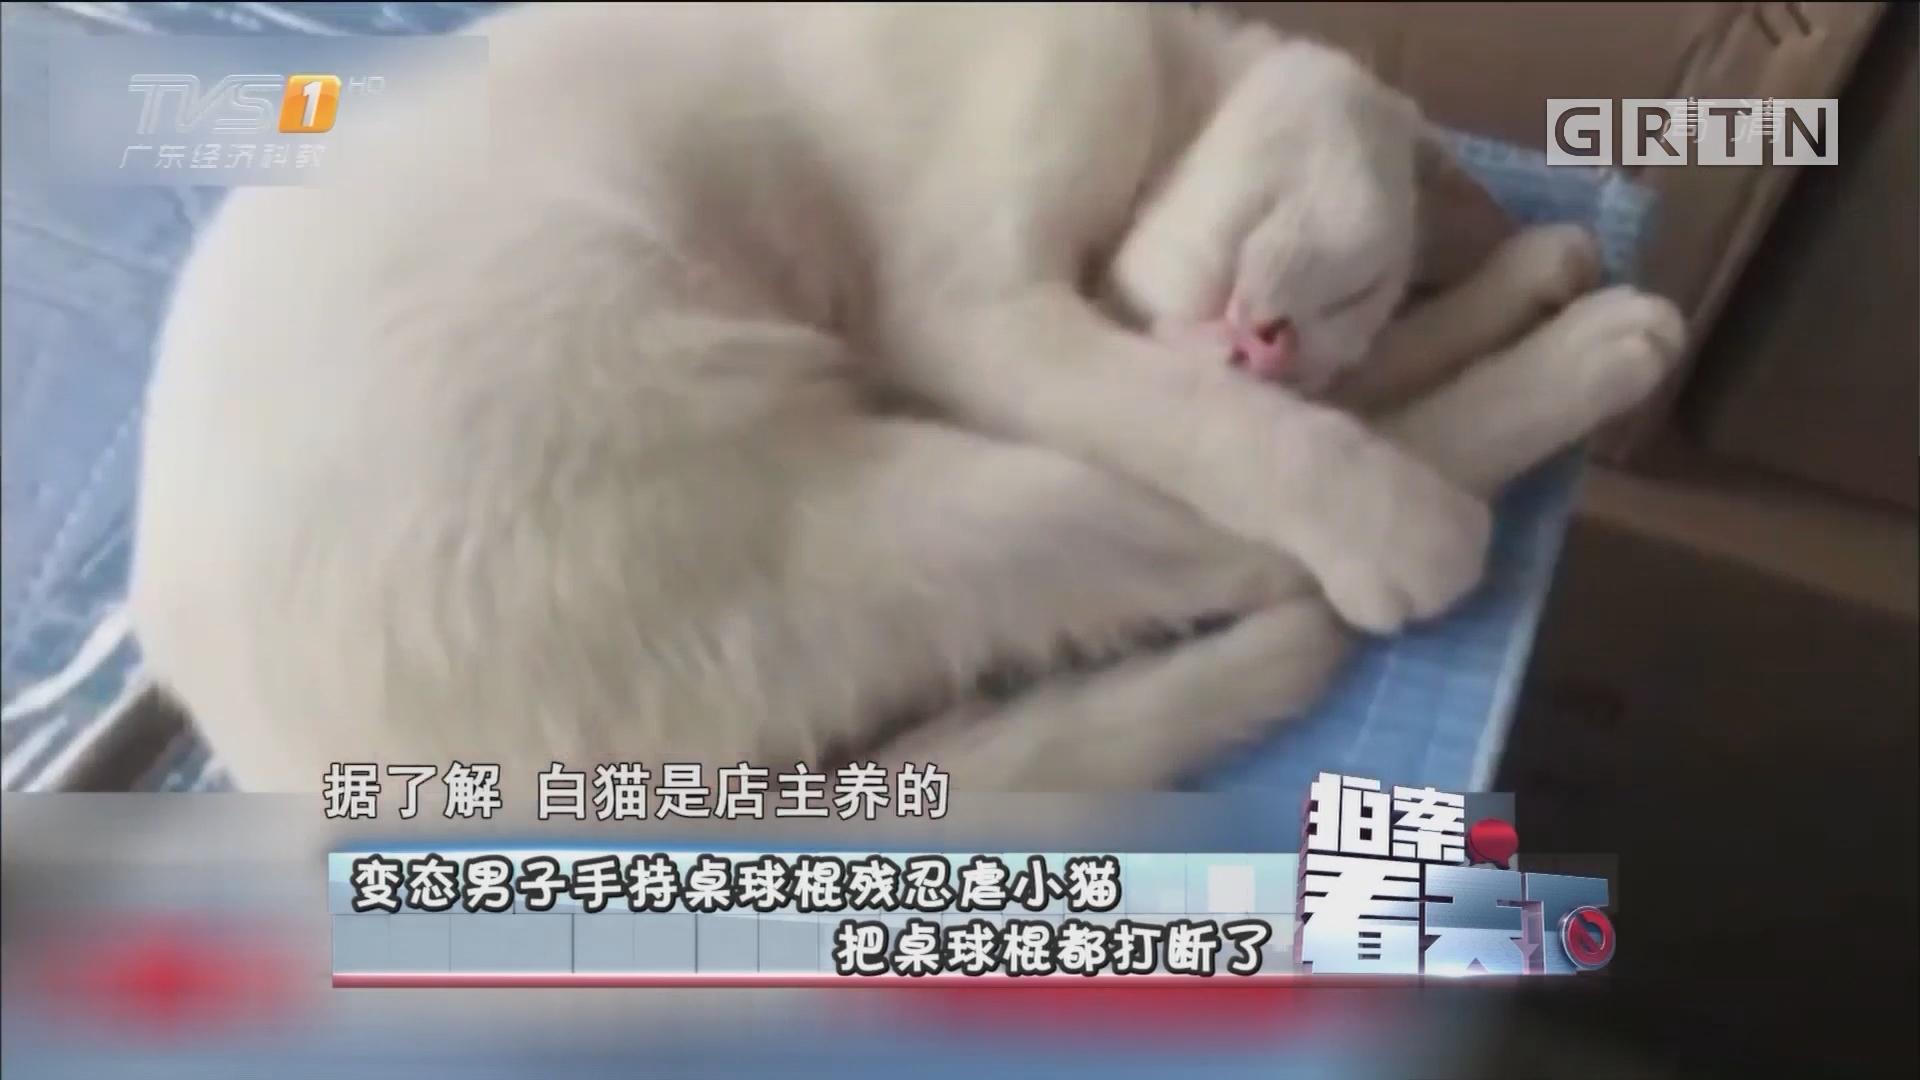 [HD][2017-07-21]拍案看天下:变态男子手持桌球棍残忍虐小猫 把桌球棍都打断了